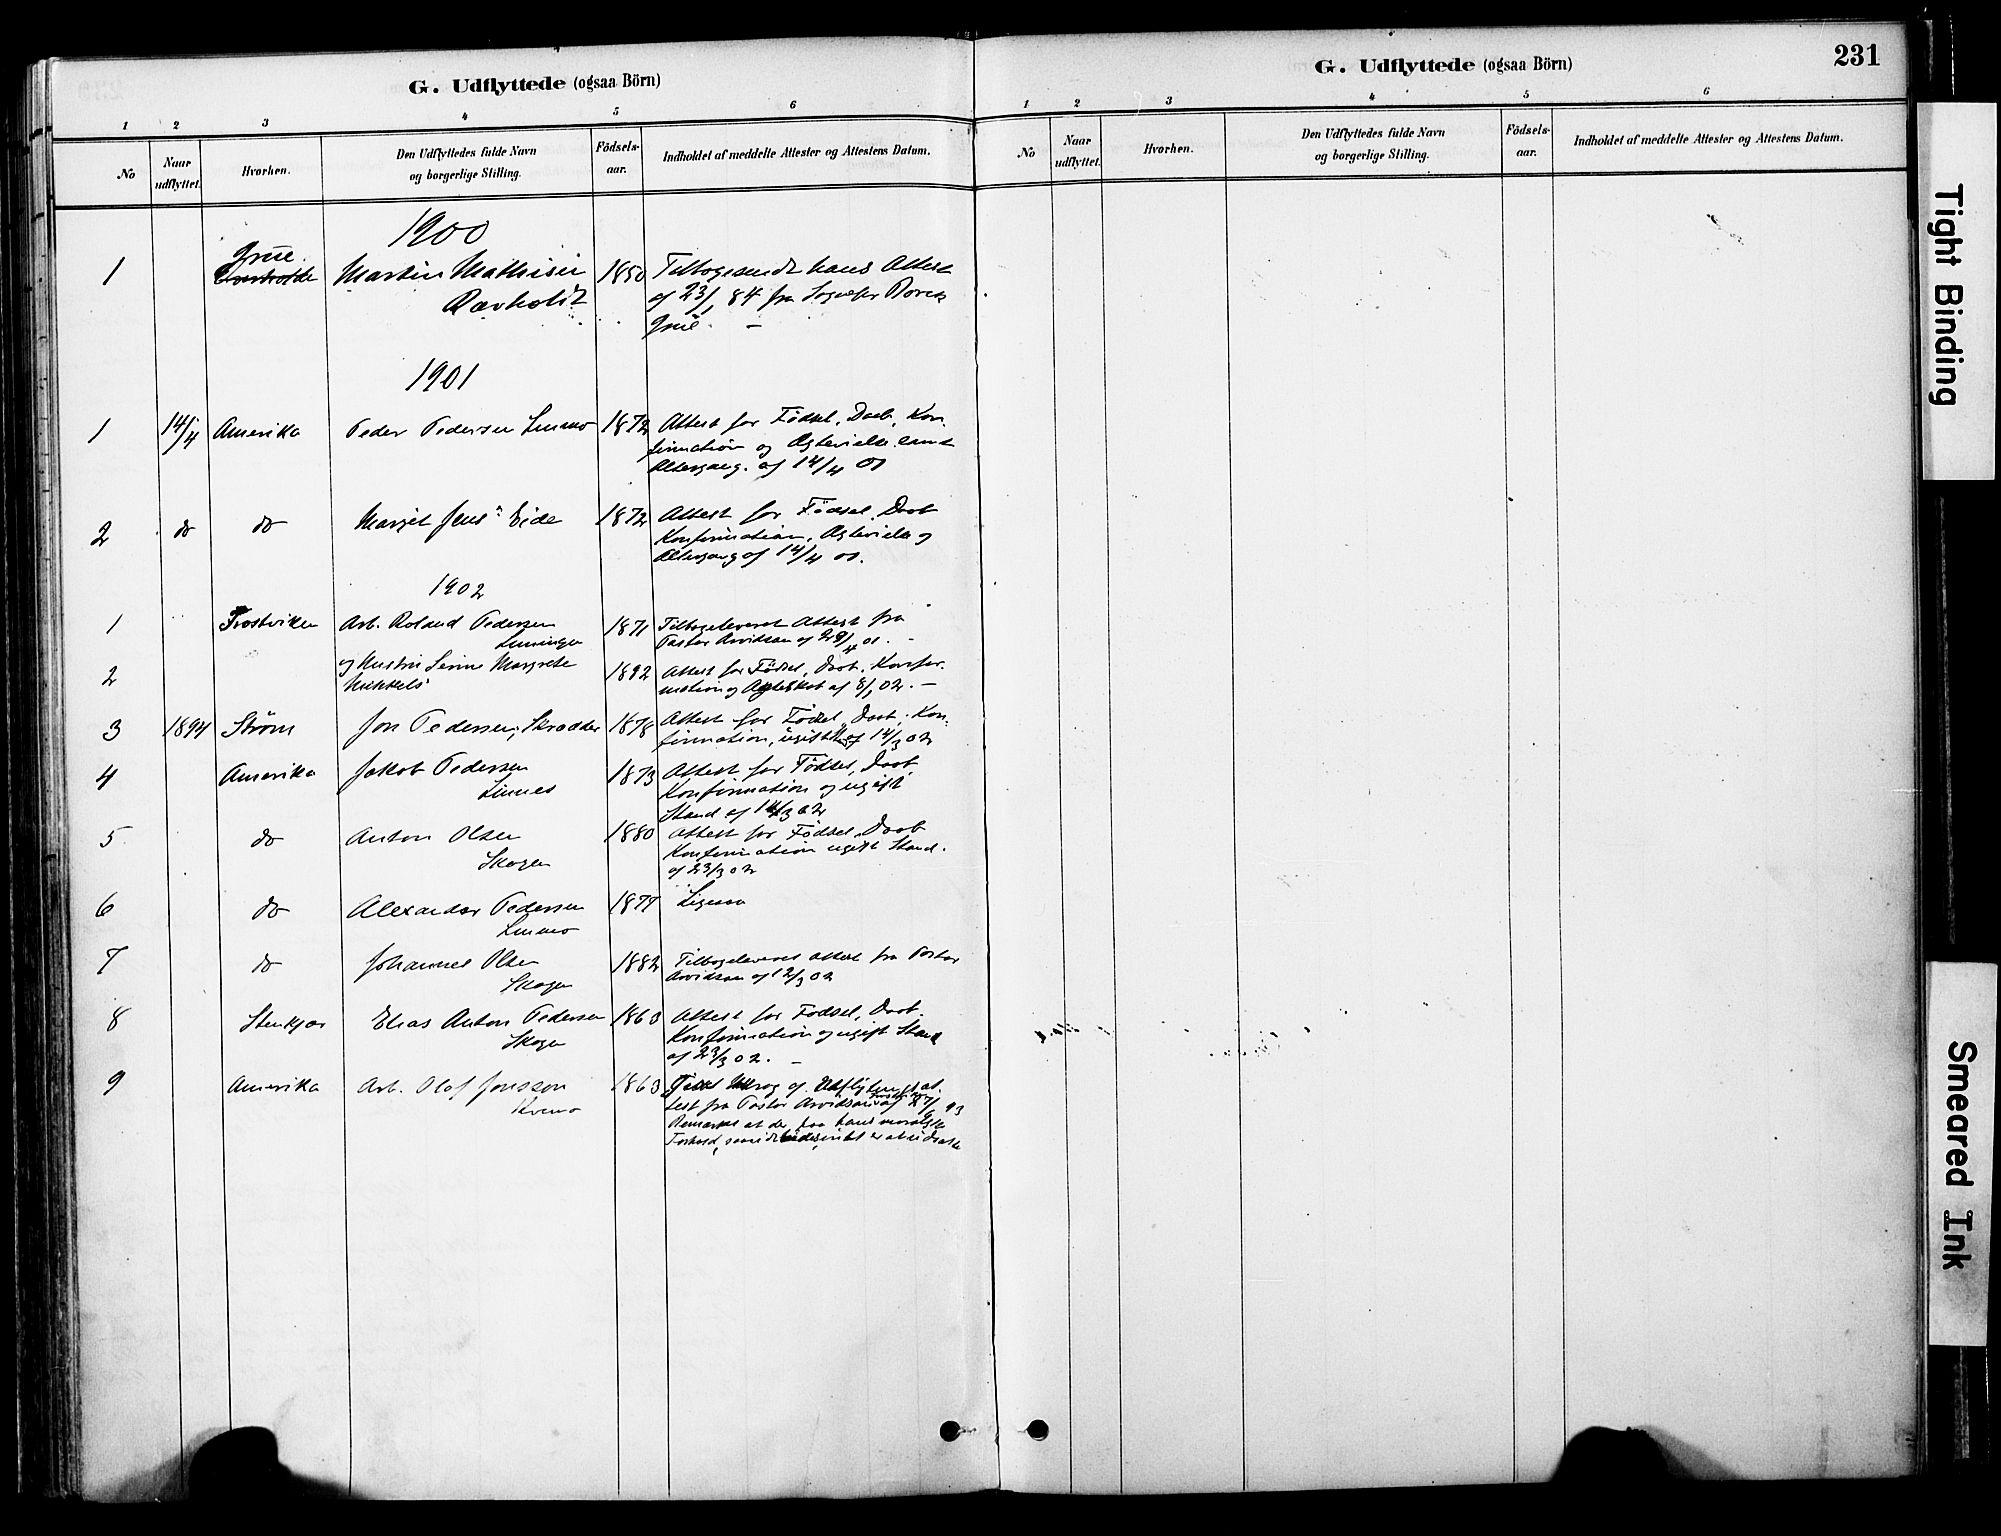 SAT, Ministerialprotokoller, klokkerbøker og fødselsregistre - Nord-Trøndelag, 755/L0494: Ministerialbok nr. 755A03, 1882-1902, s. 231